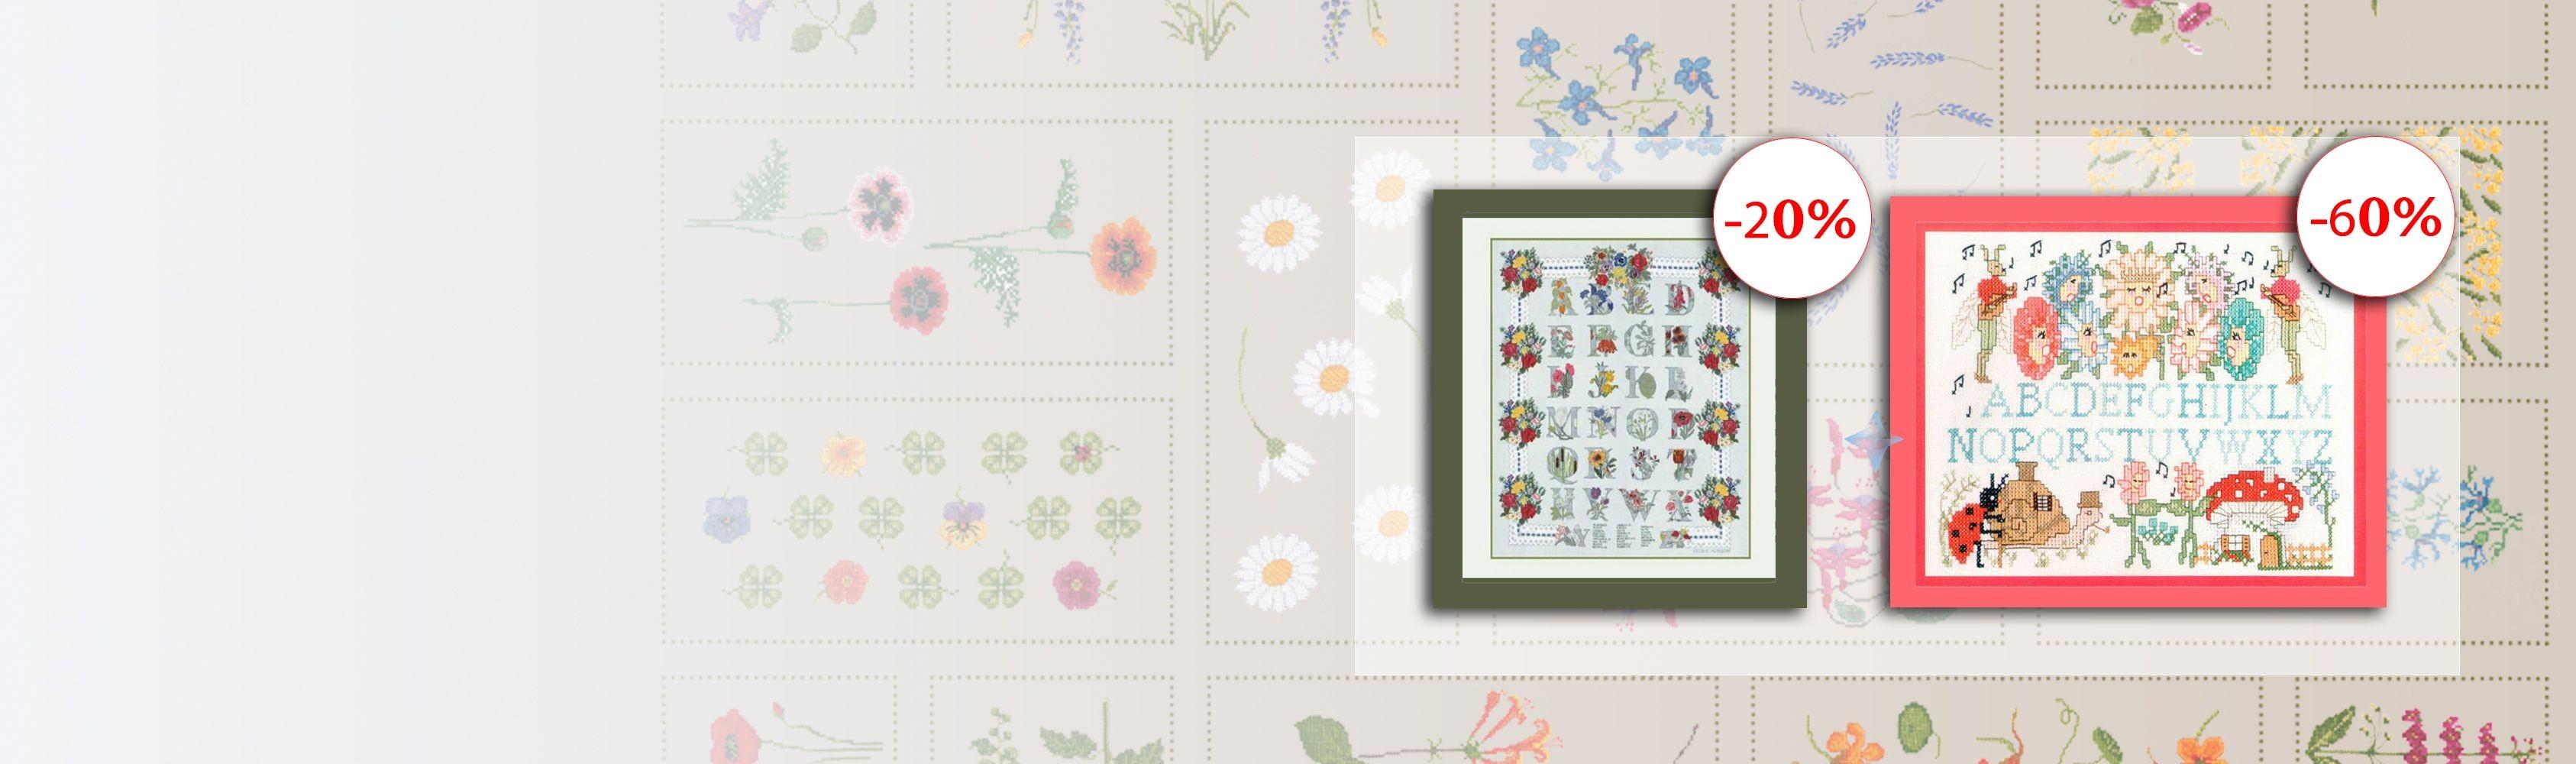 Counted cross stitch samplers en SALE - Le Bonheur des Dames